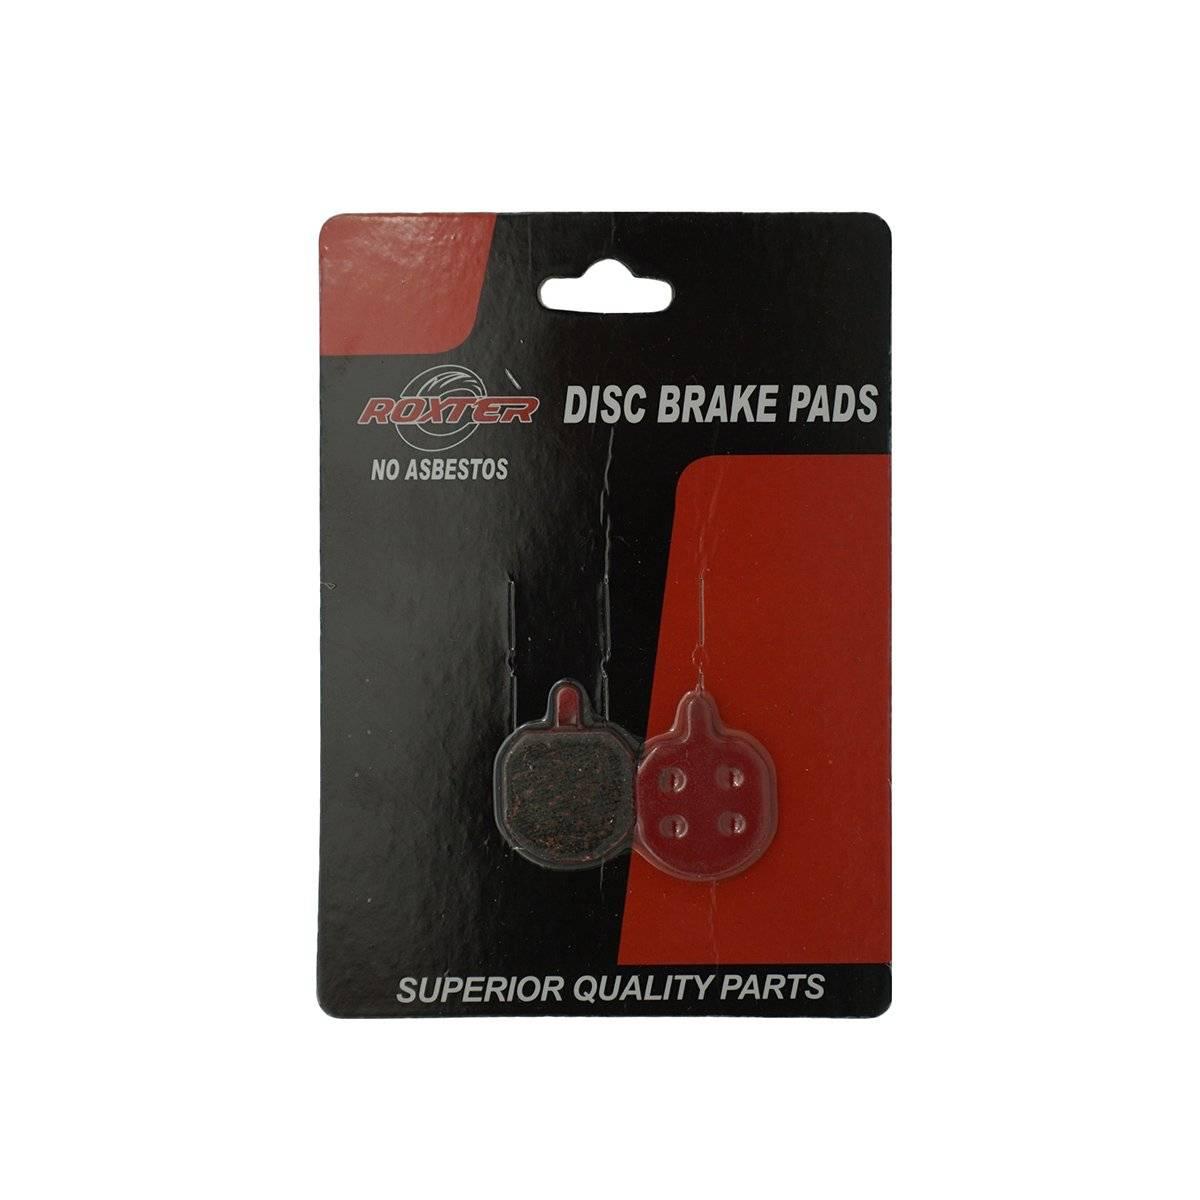 Фото - Колодки для дискового тормоза YL-1009, аналог DS-26, блистер, YL-1009 ct 1009 blr